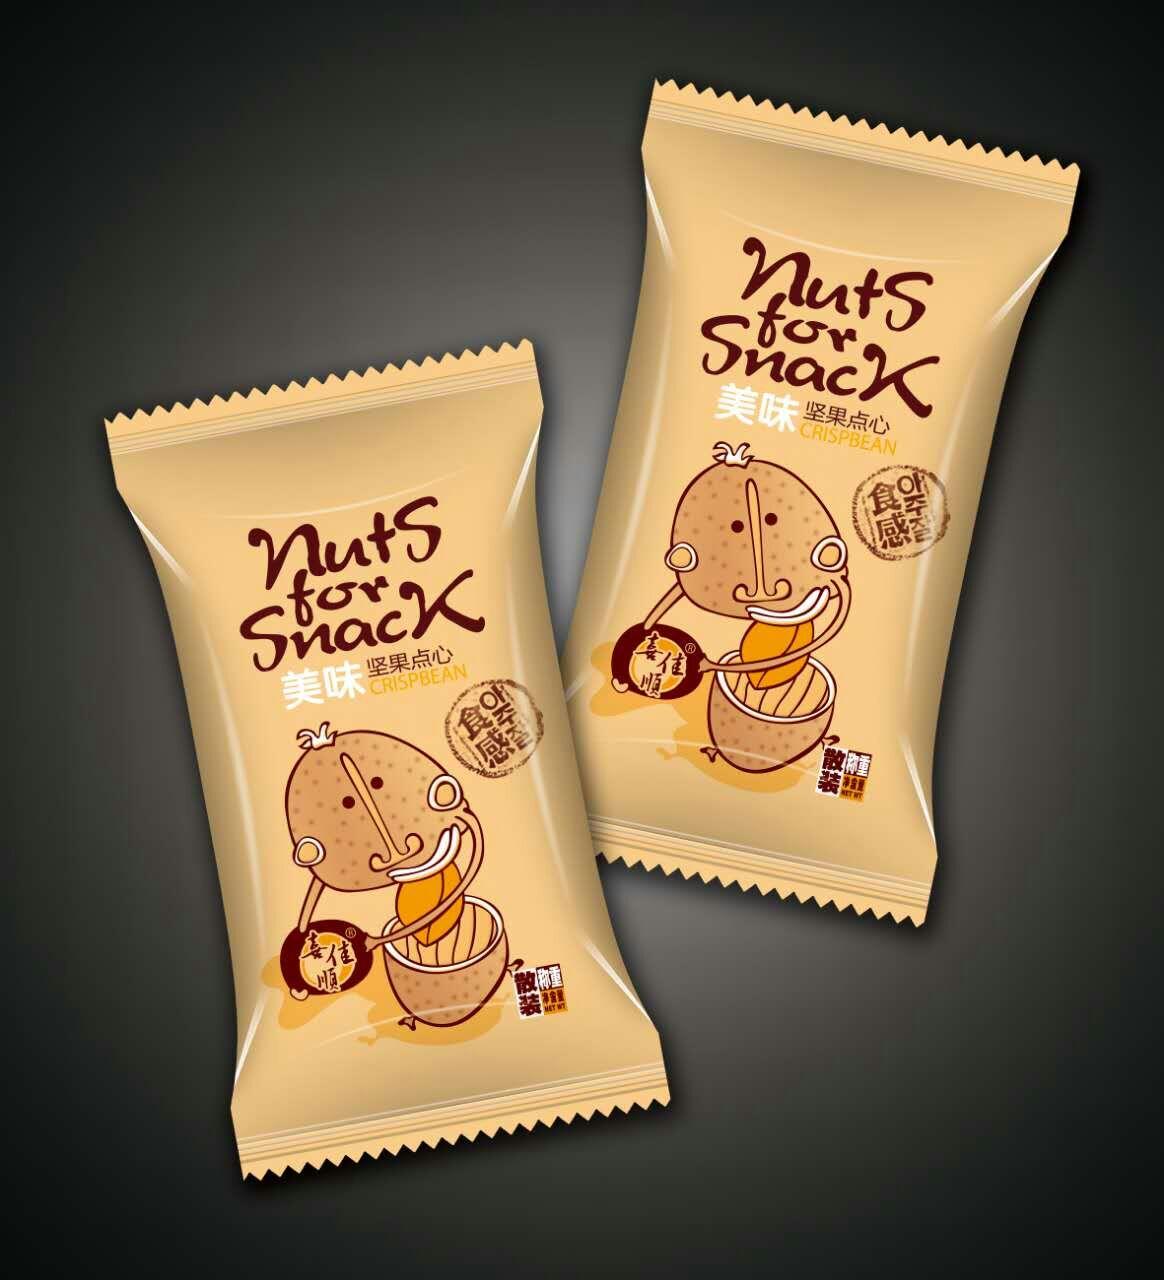 包装 包装设计 设计 食品 1164_1280